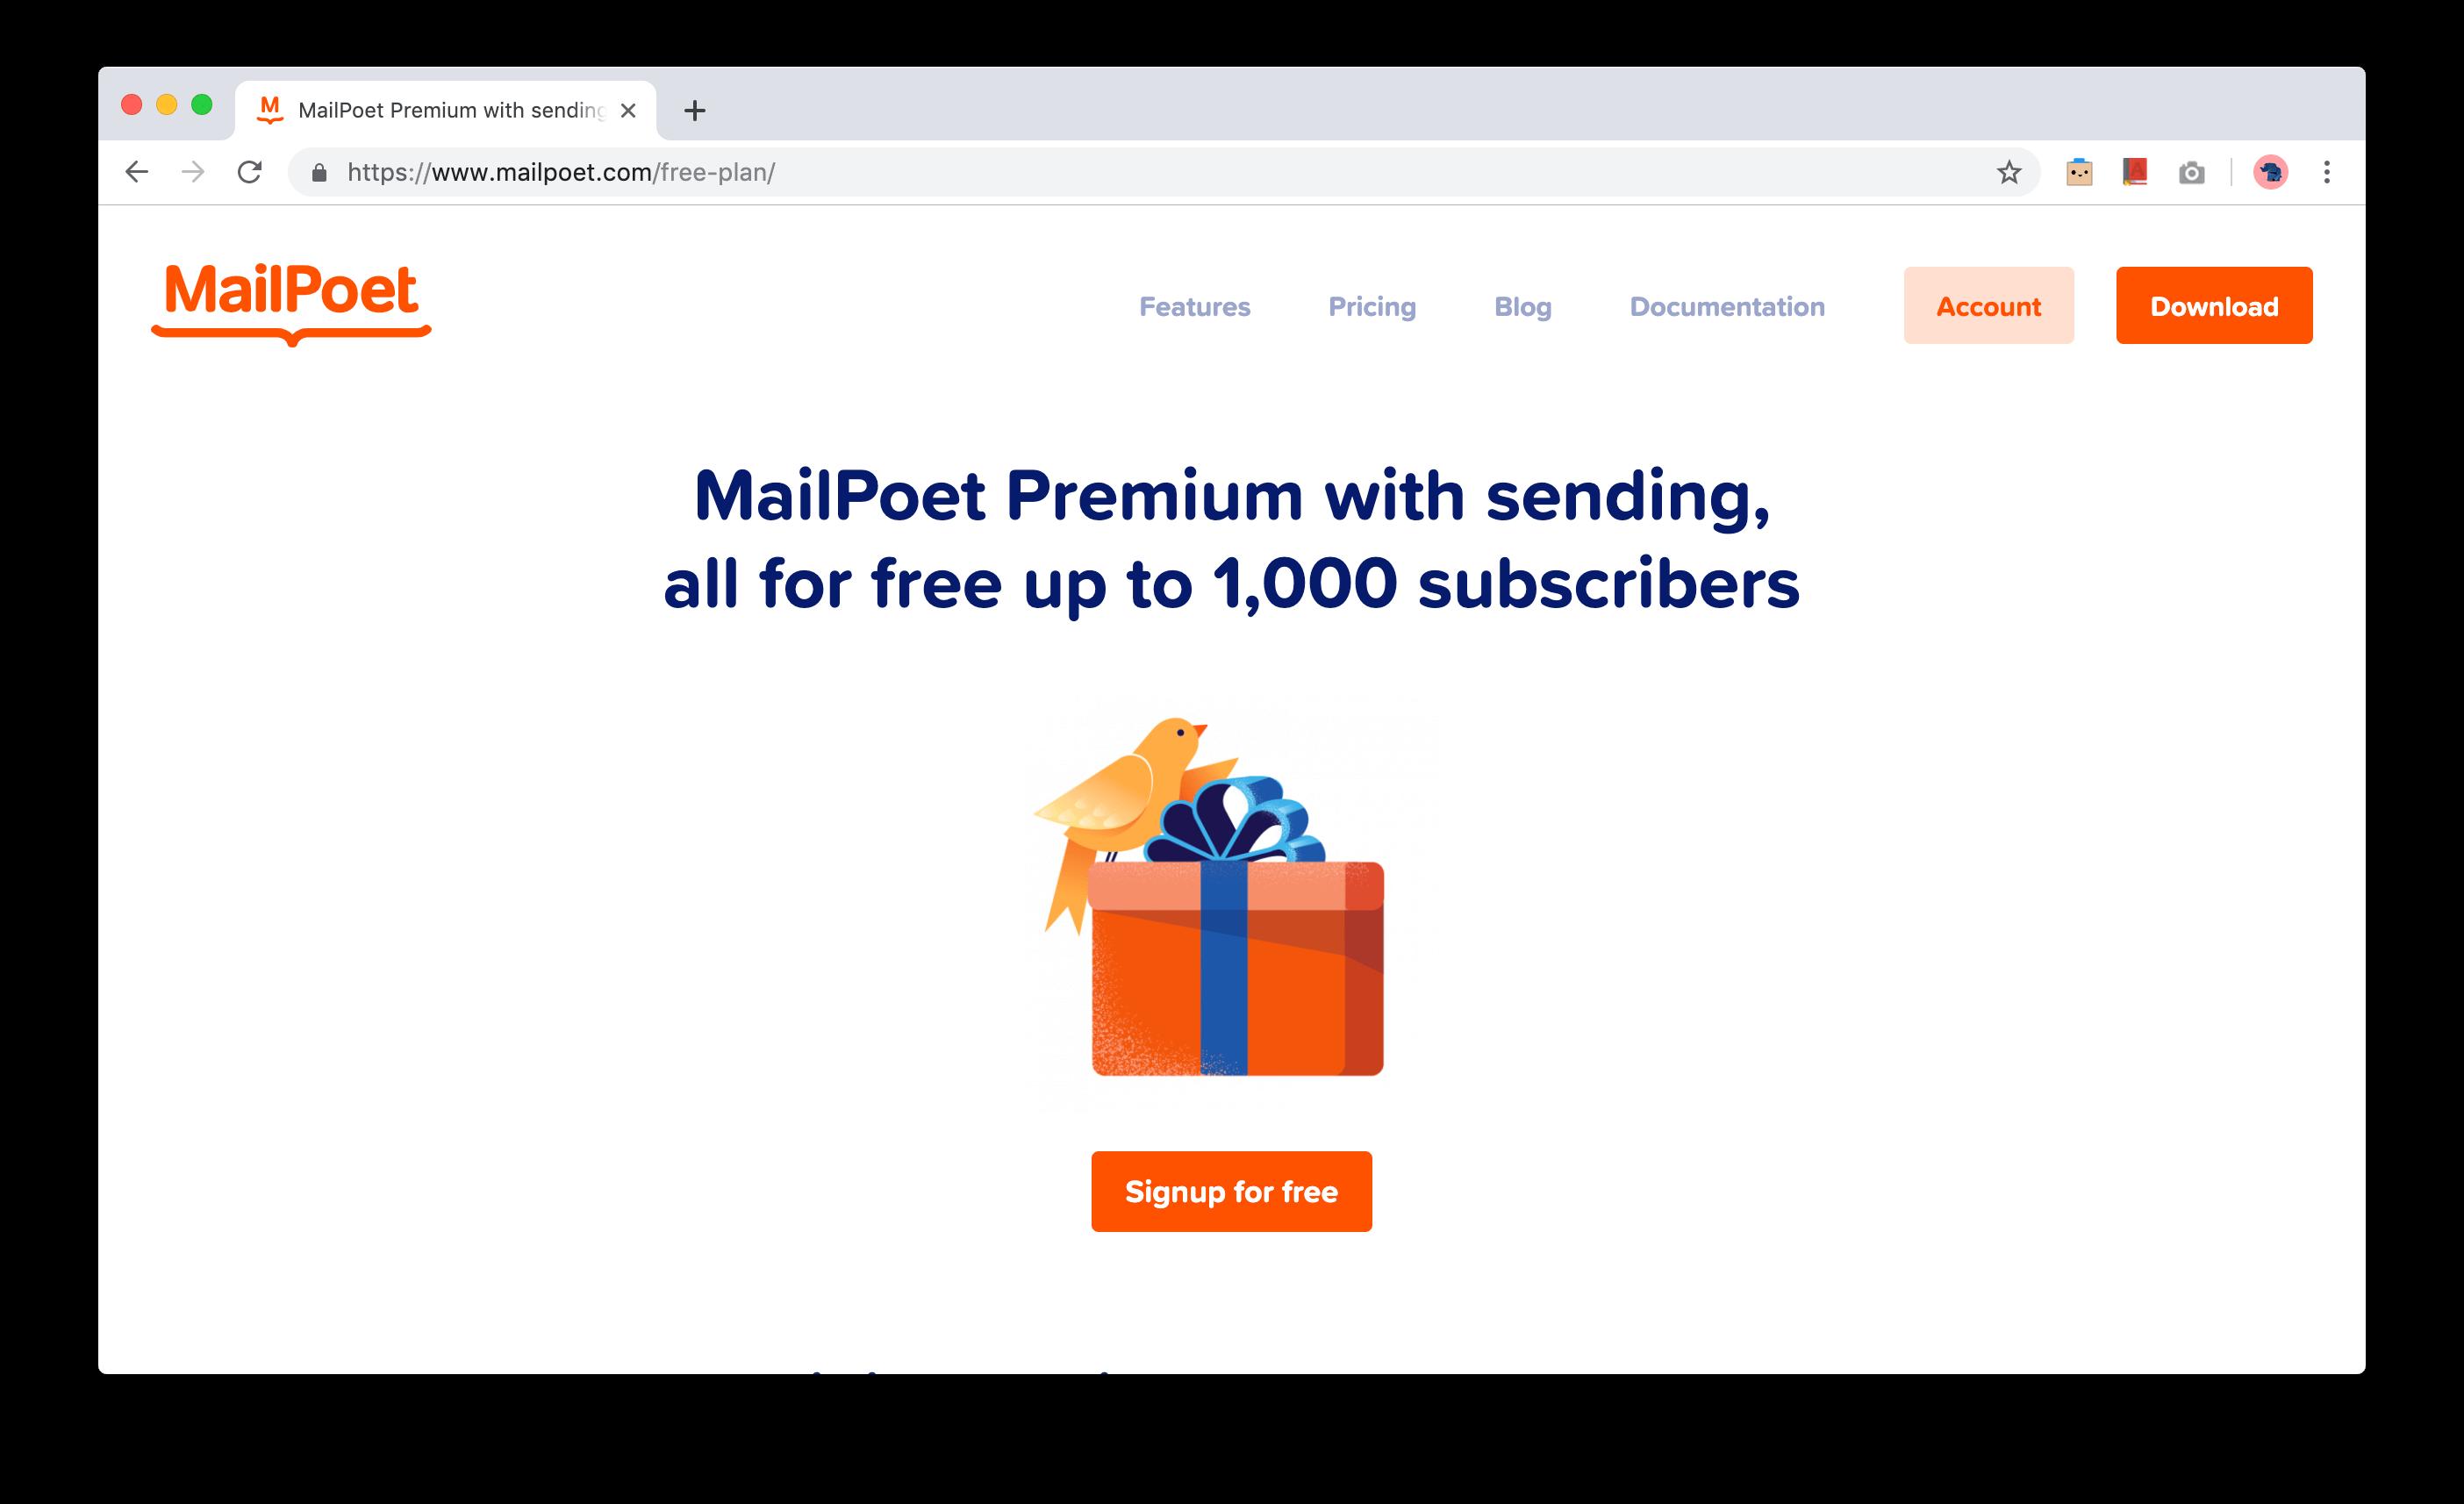 1000-ə qədər abunəçi üçün pulsuz MailPoet Forever planı